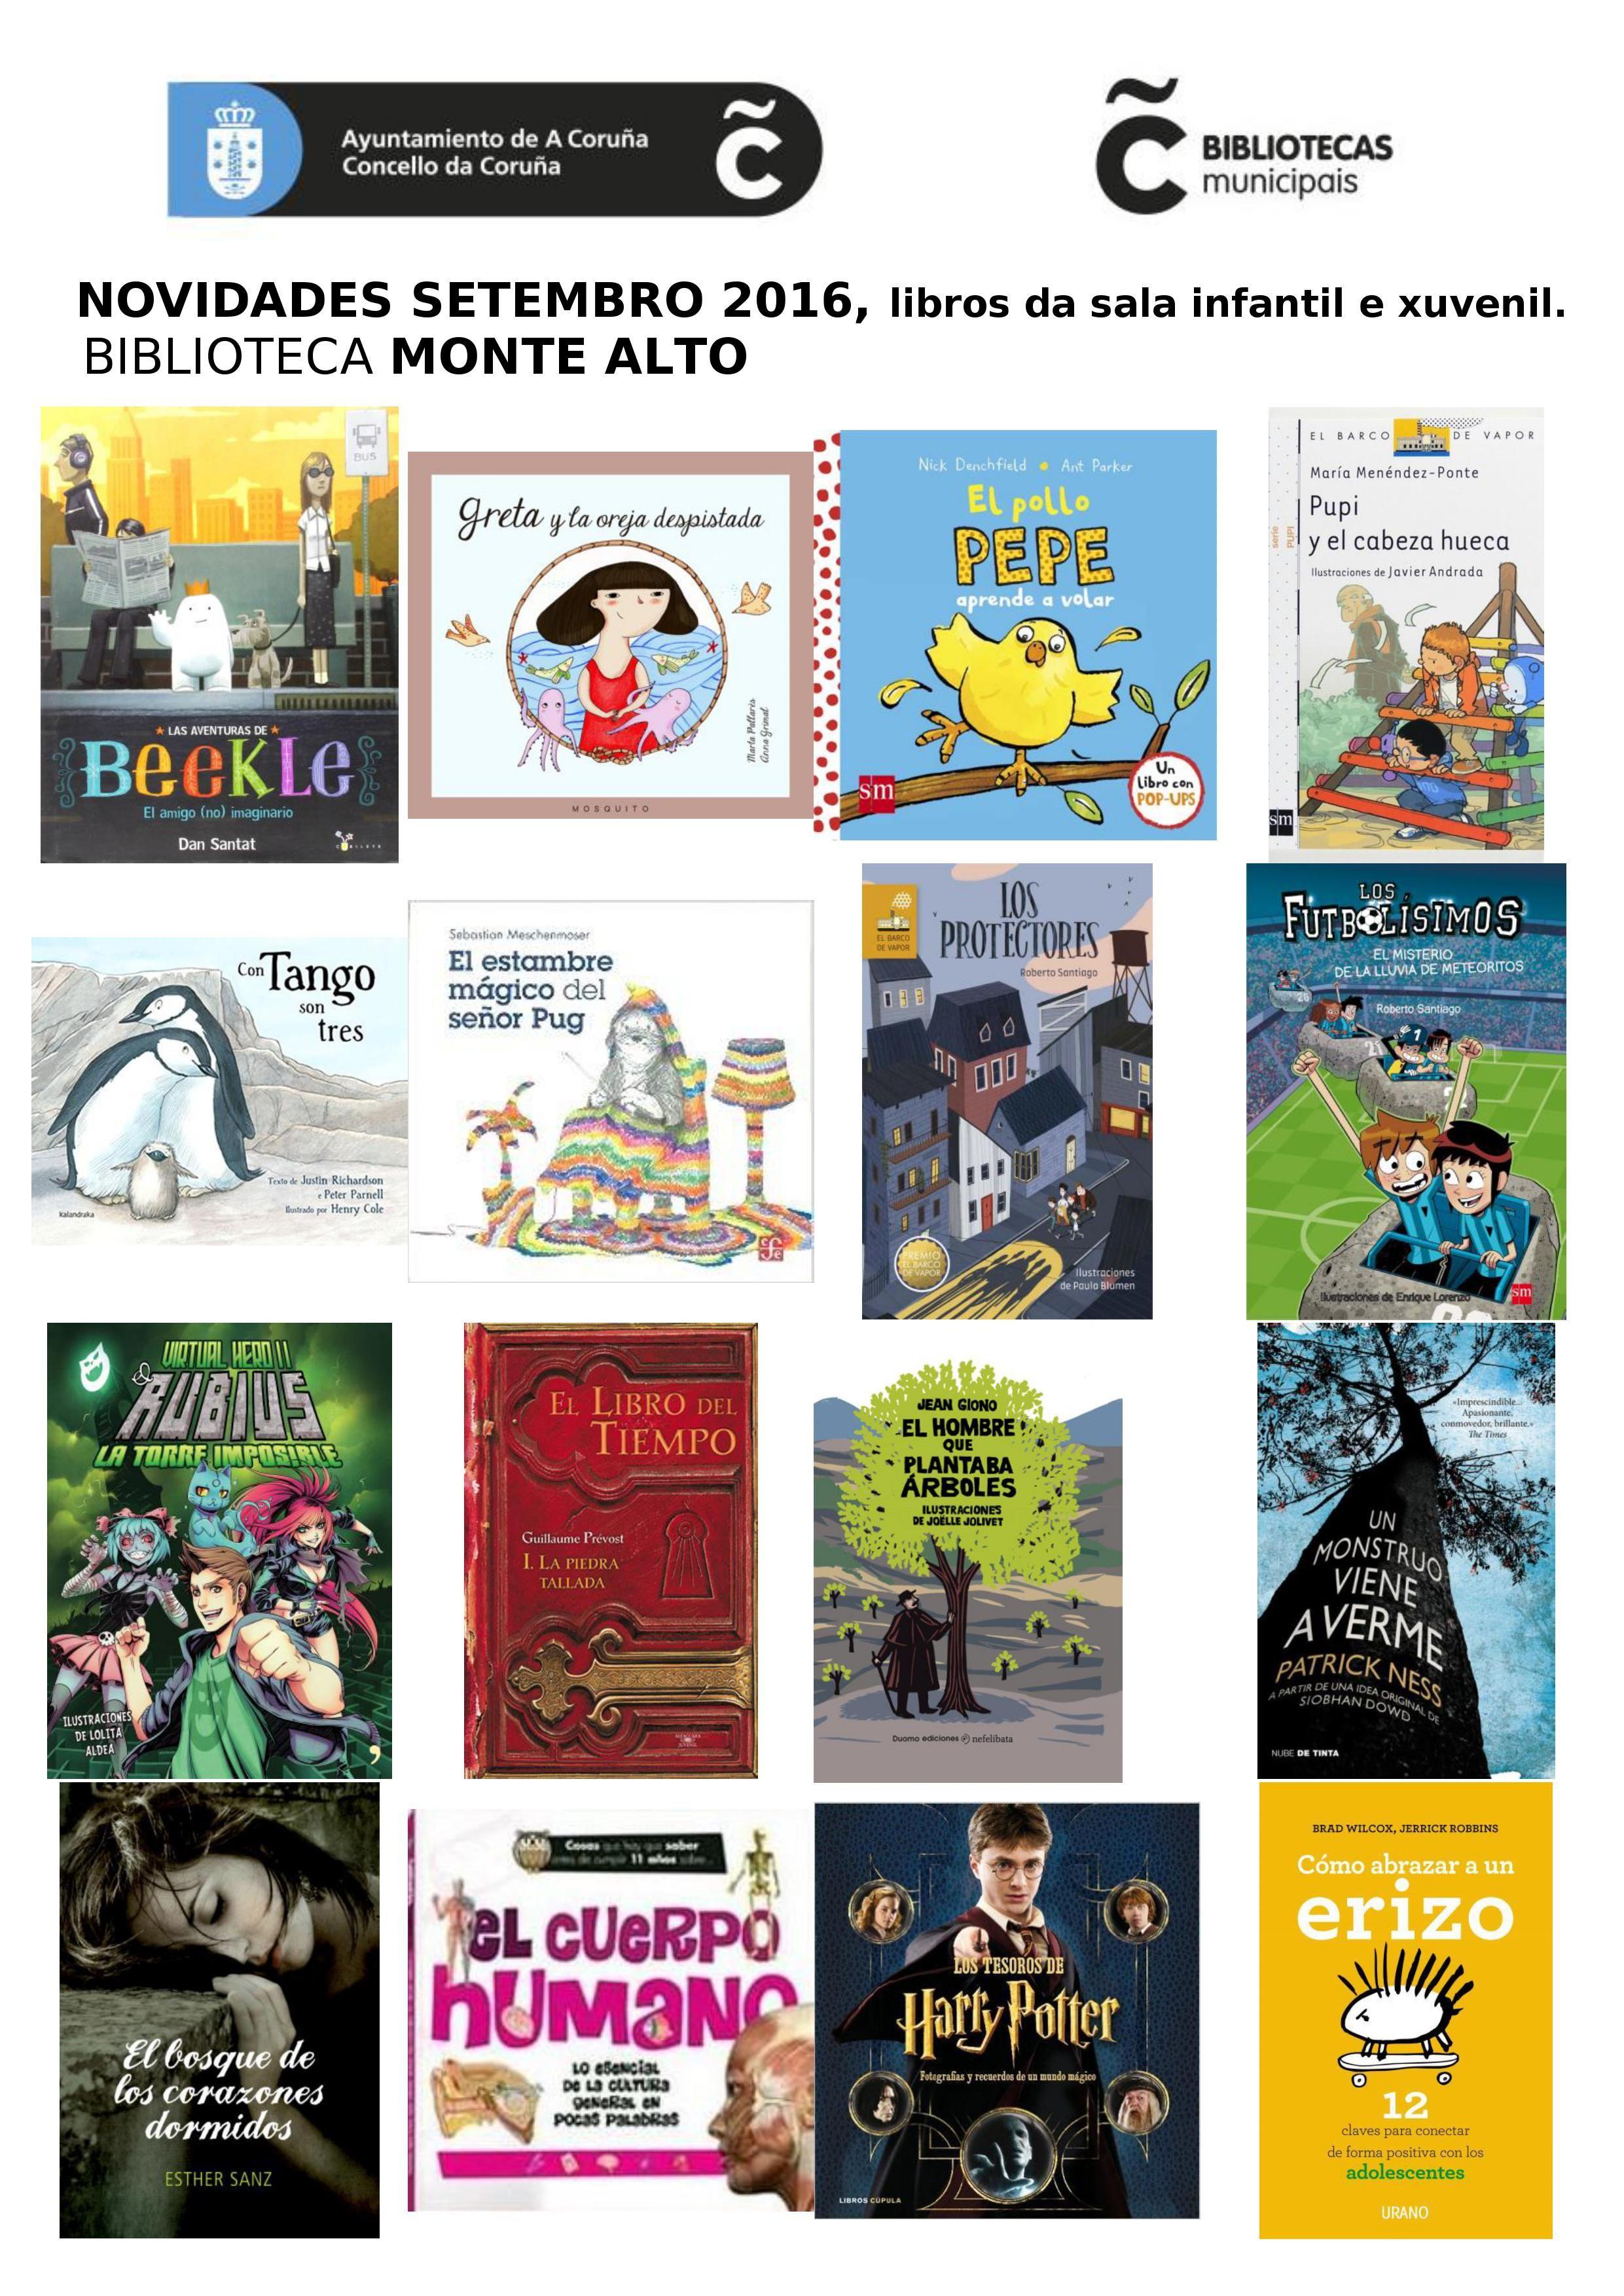 Novas lecturas de setembro da sala infantil e xuvenil da biblioteca Monte Alto.